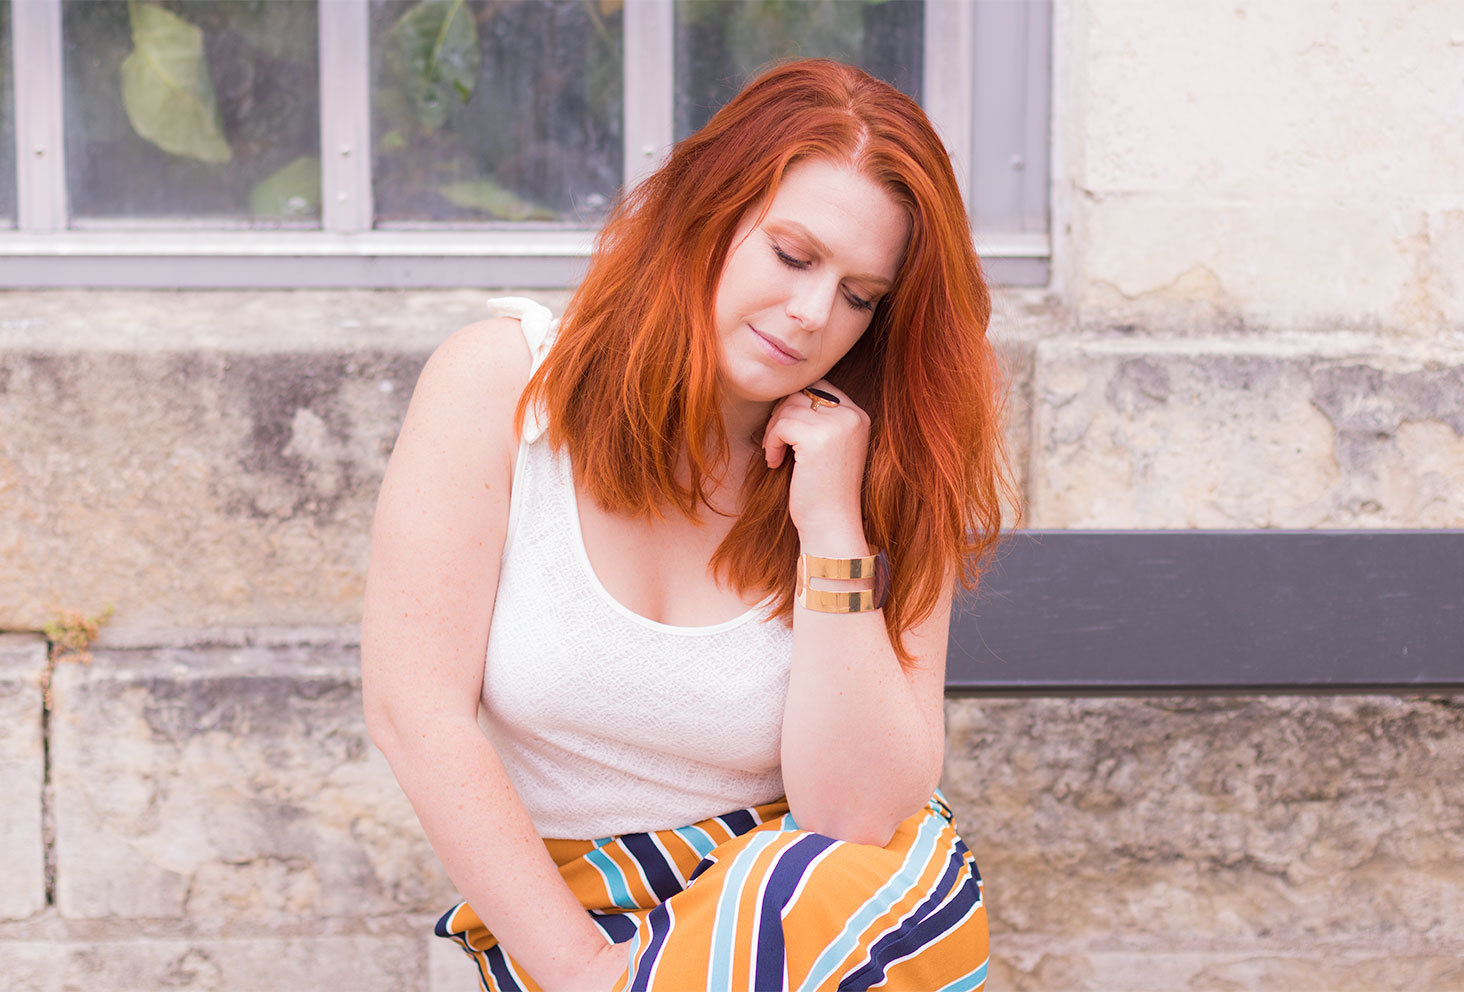 Assise sur un banc de face, le coude appuyé sur la cuisse et la tête appuyé sur la main, les cheveux longs roux détachés en débardeur blanc